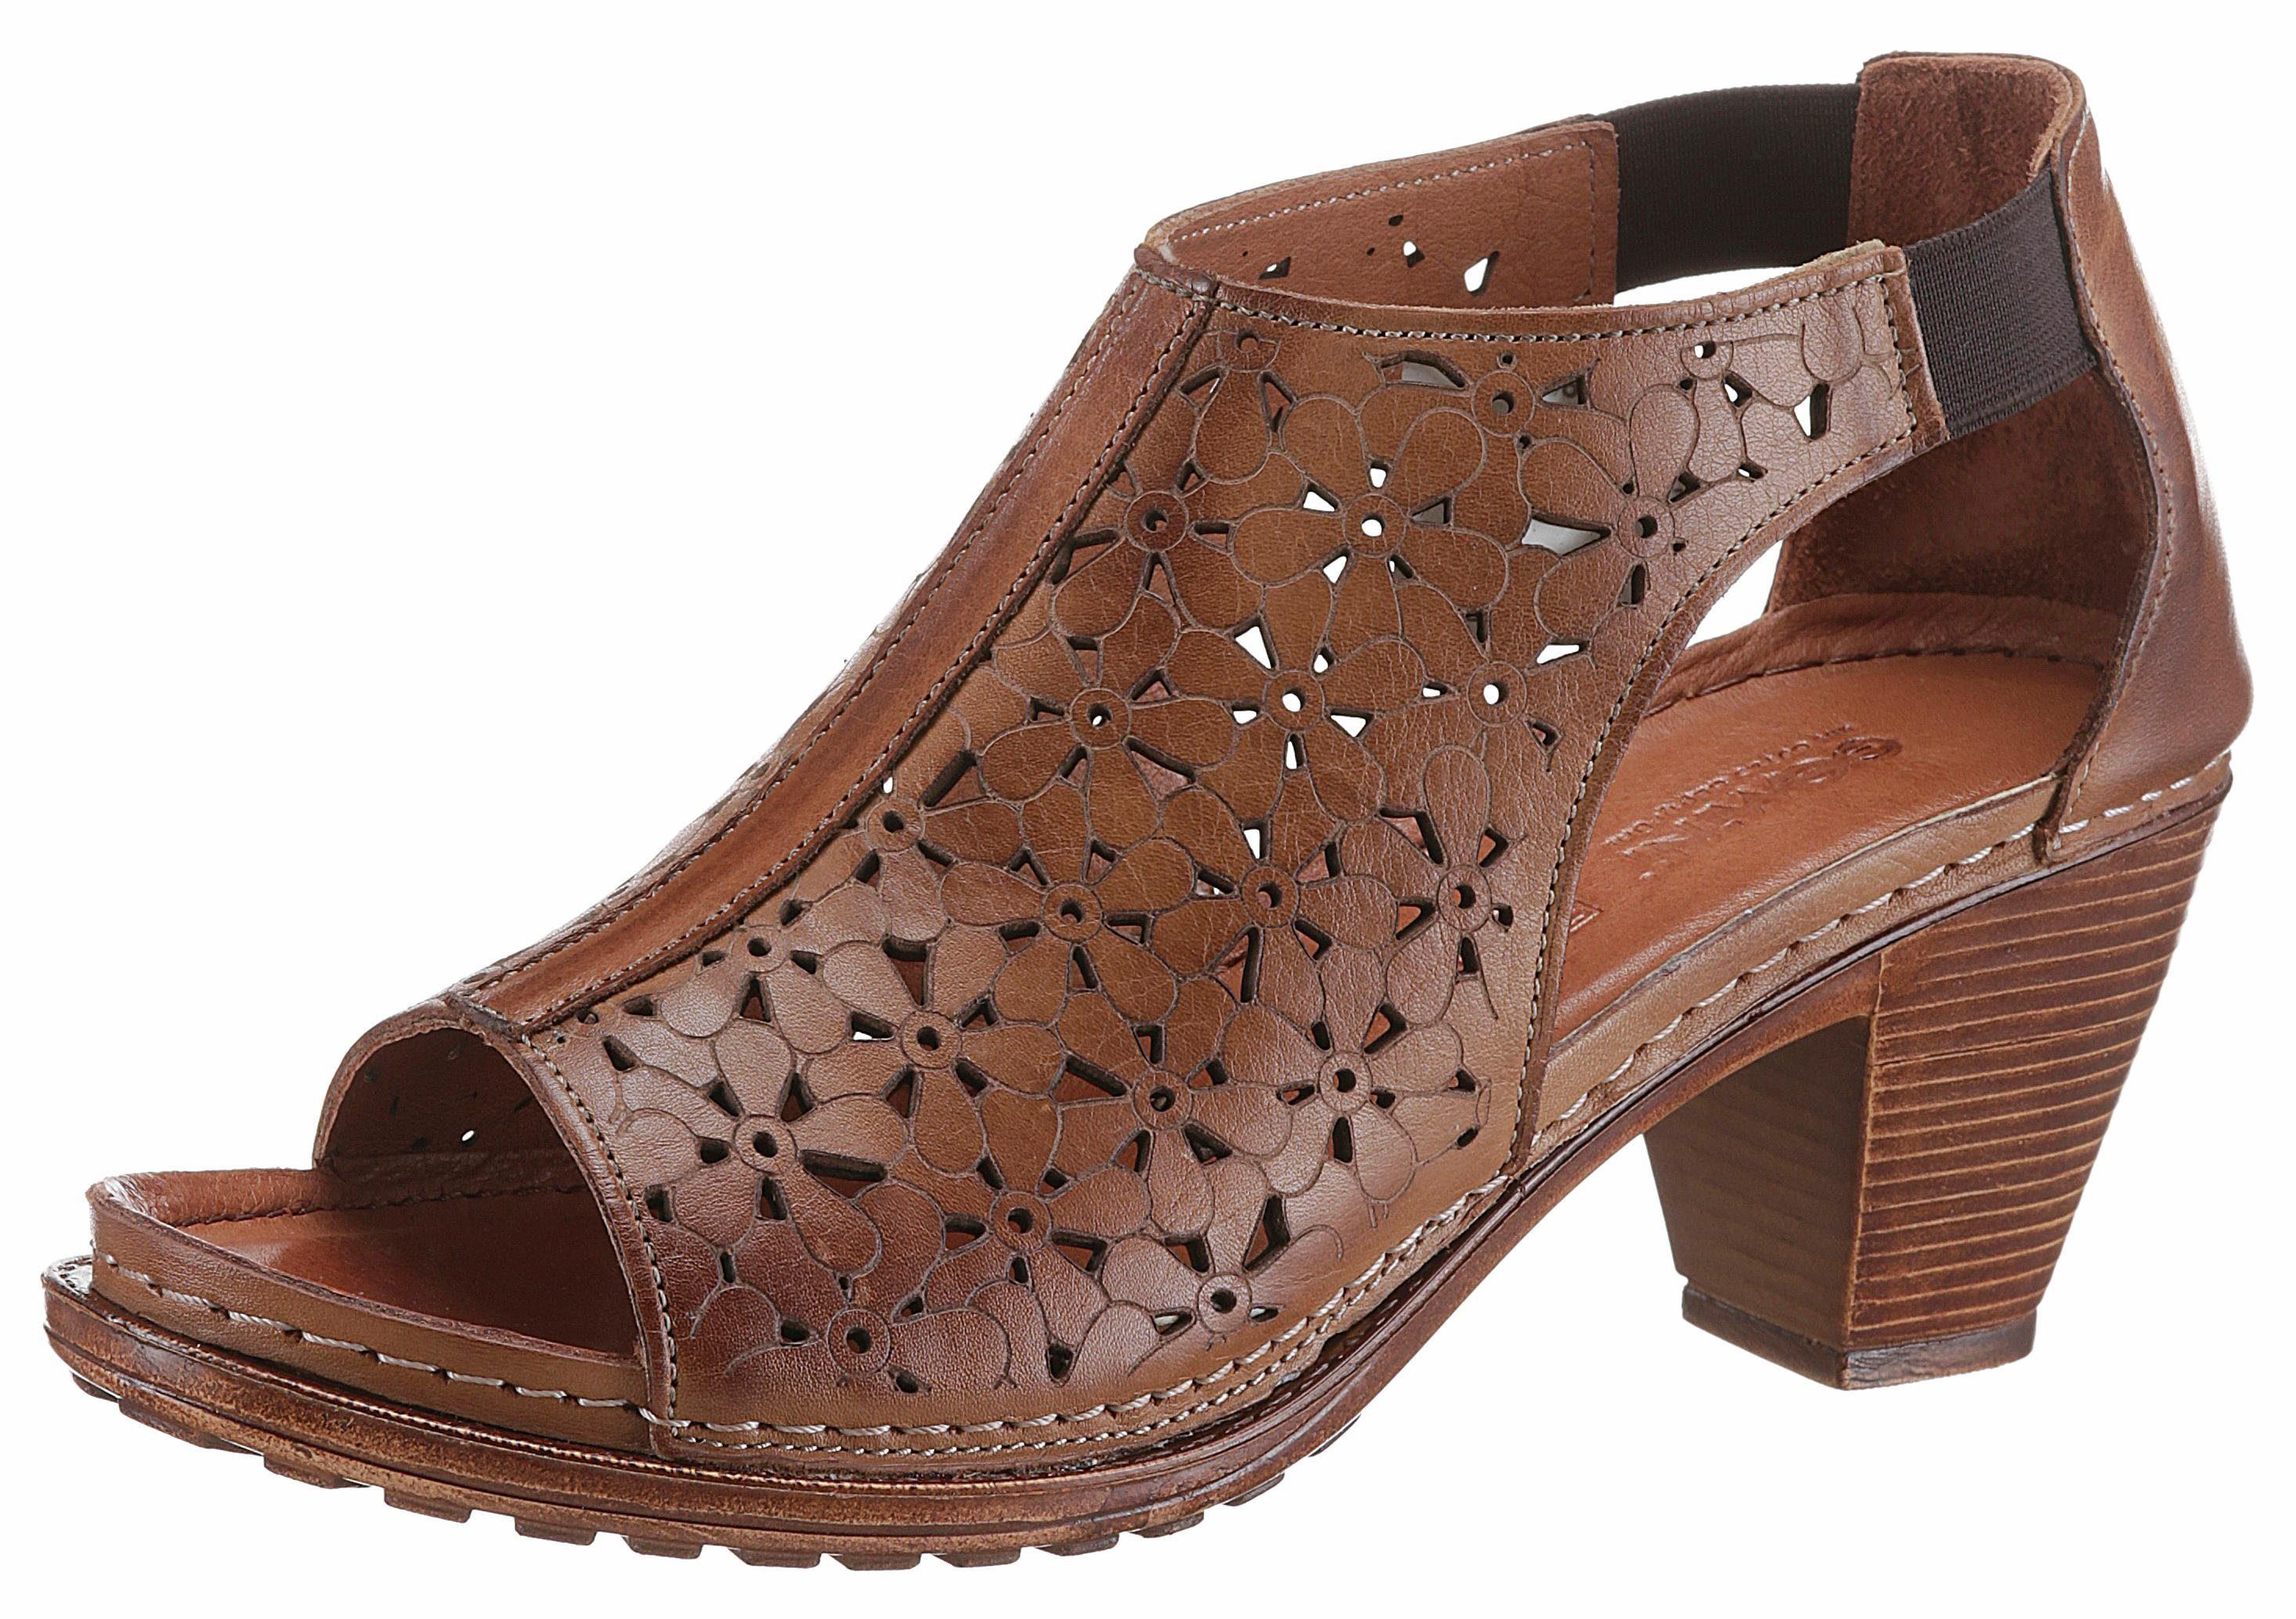 Gemini Sandalette, in Schuhweite G (weit) kaufen  braun